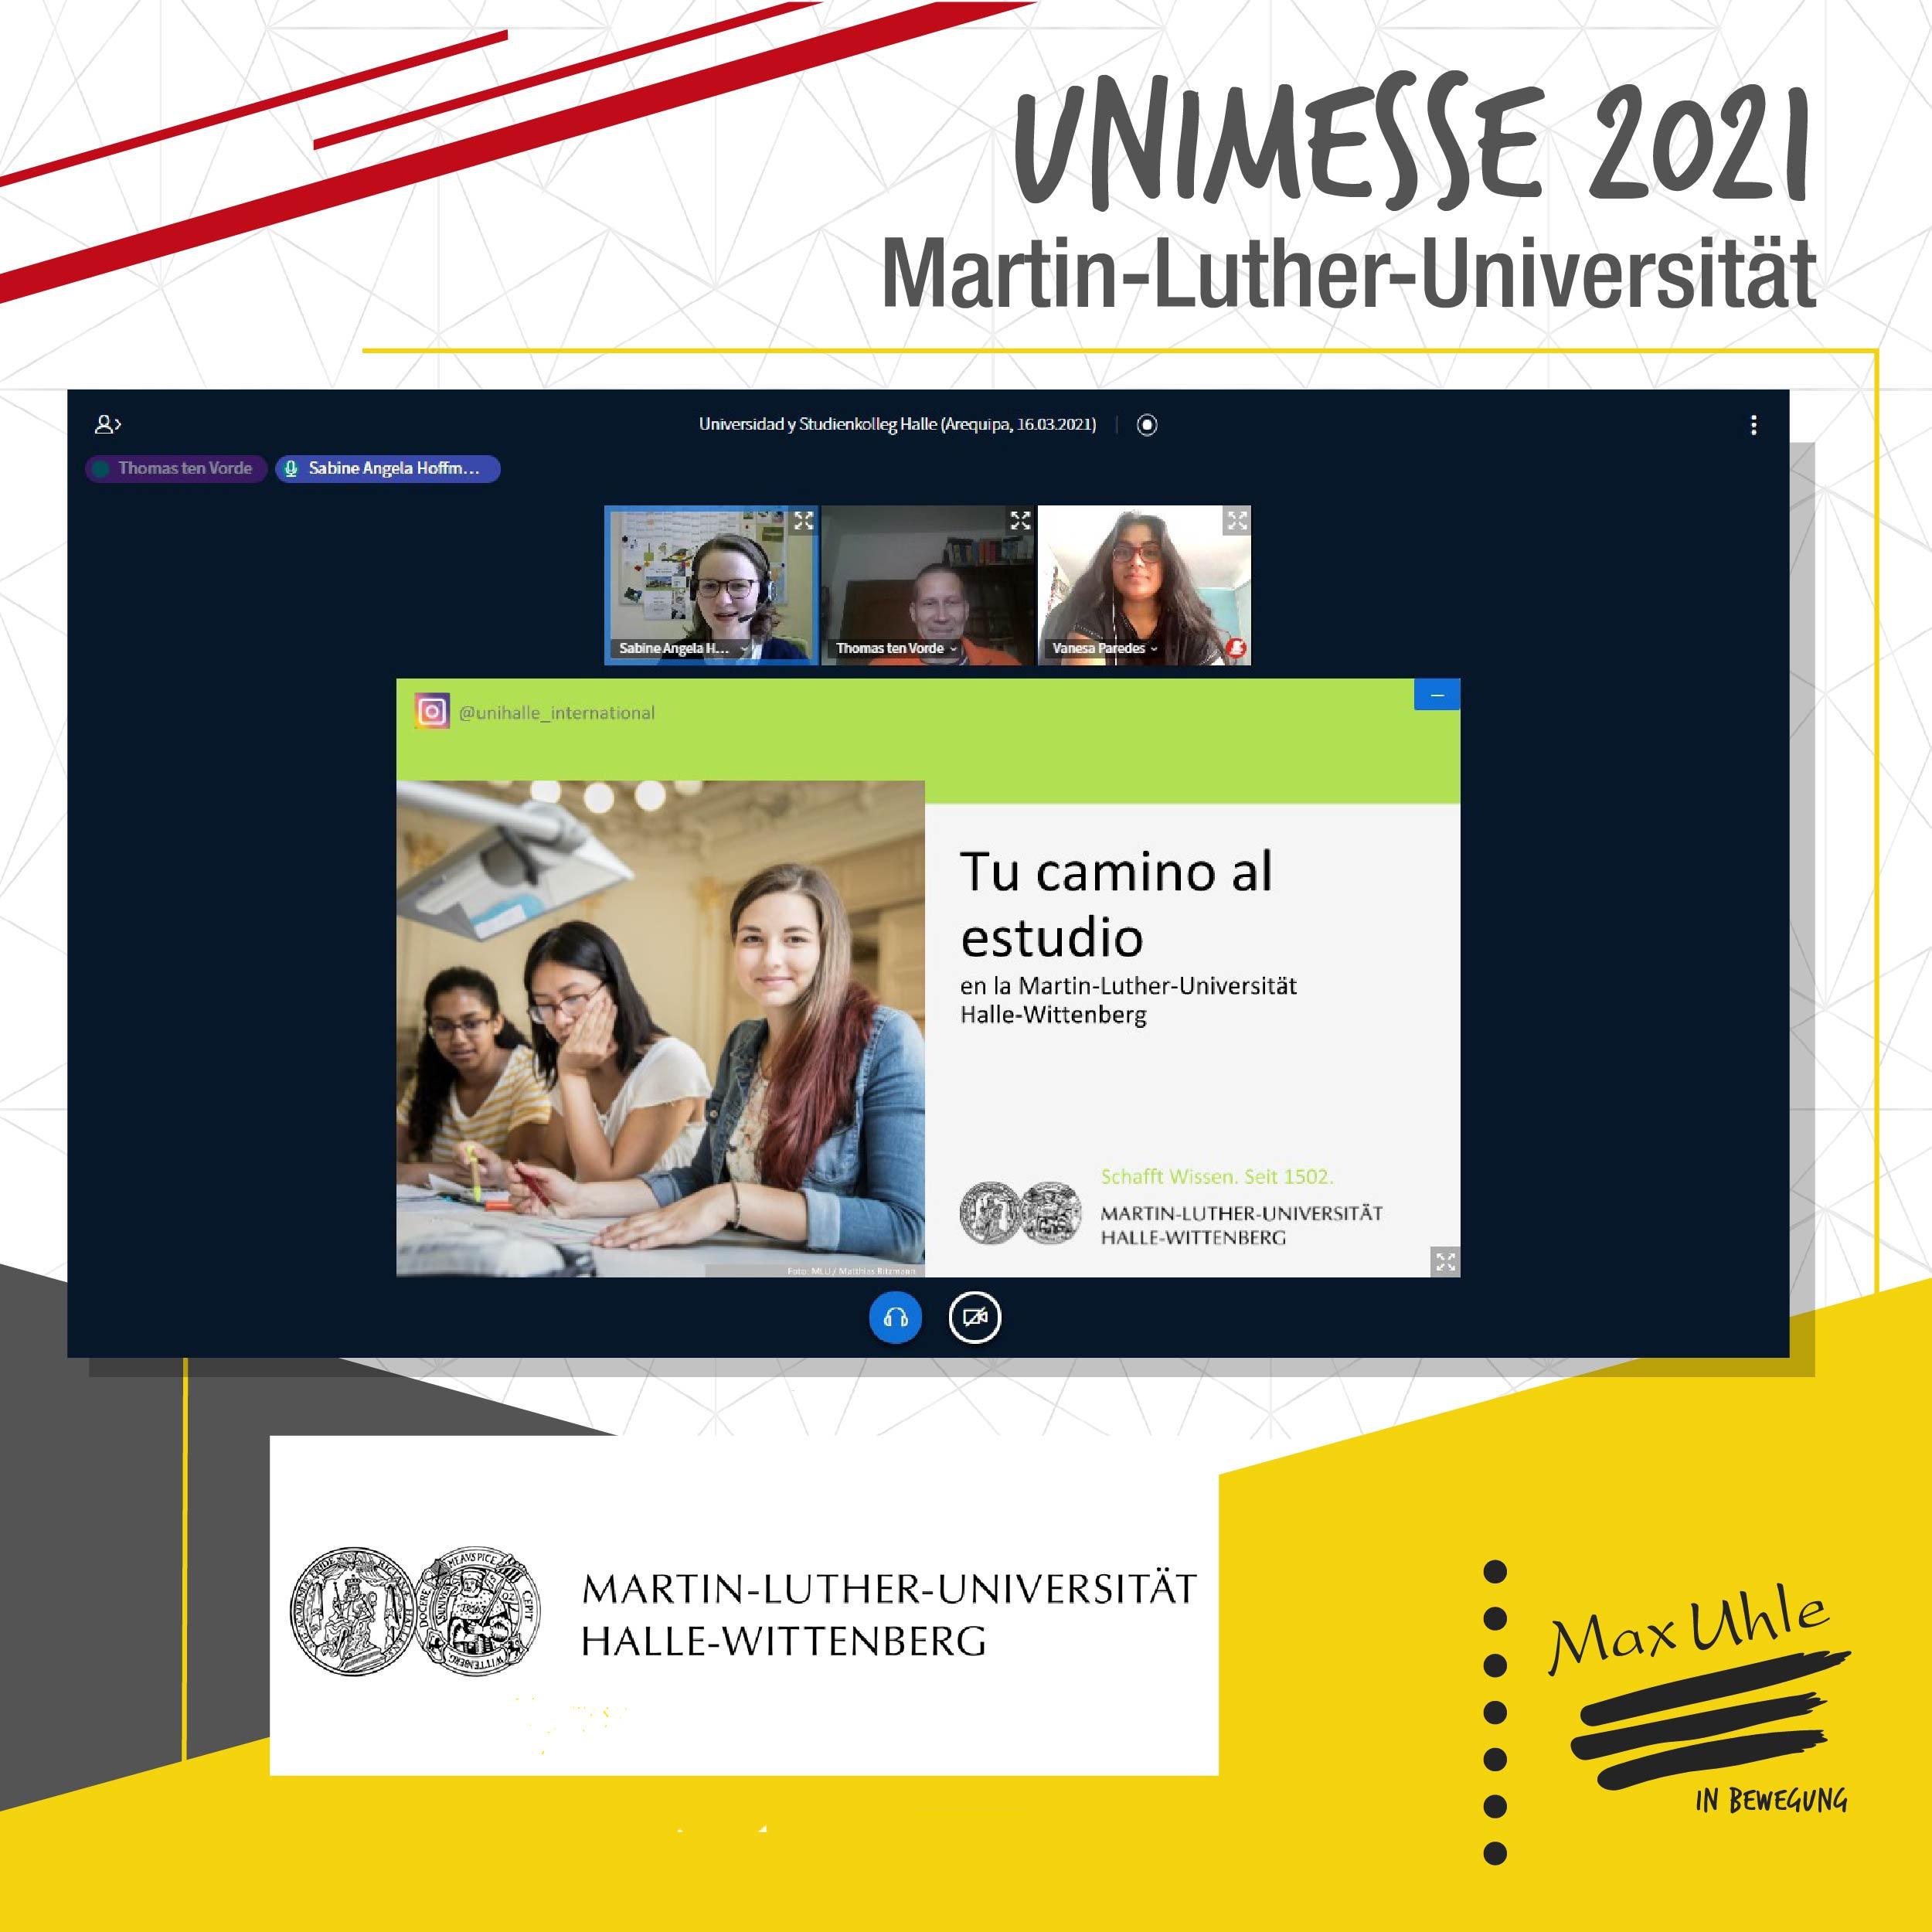 Martin Luther - Unimesse 2021 Colegio Max Uhle